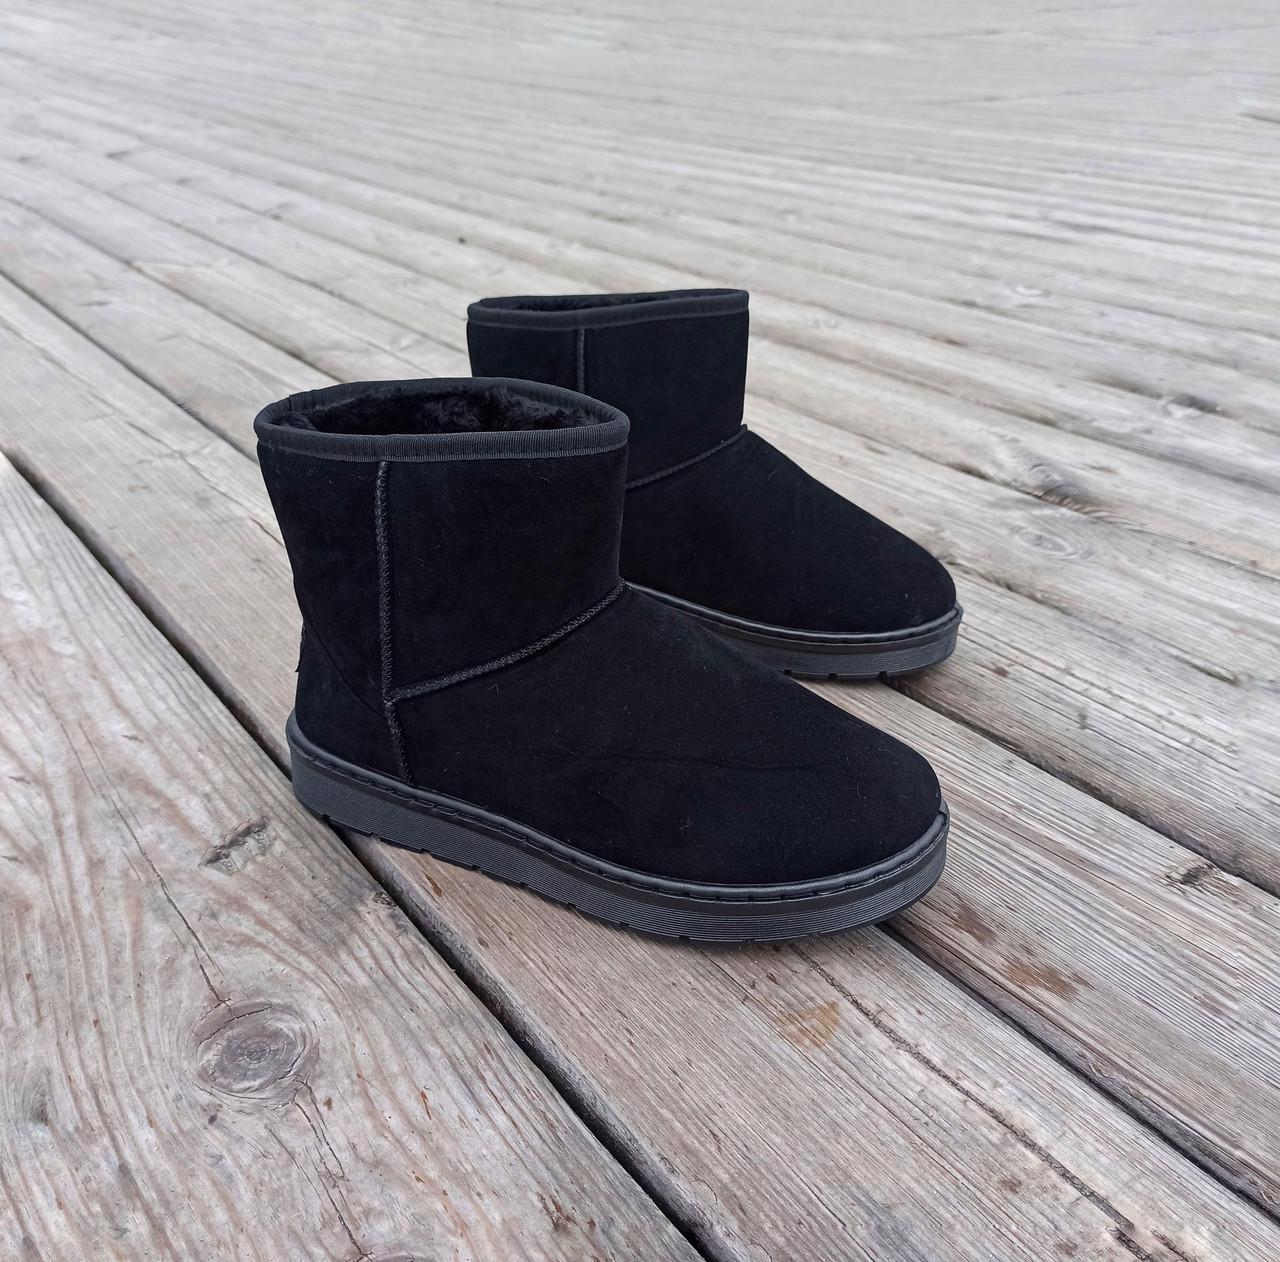 41 розмір Уггі чорні чоловічі UGG замша еко замшеві низькі короткі чоботи зимові черевики